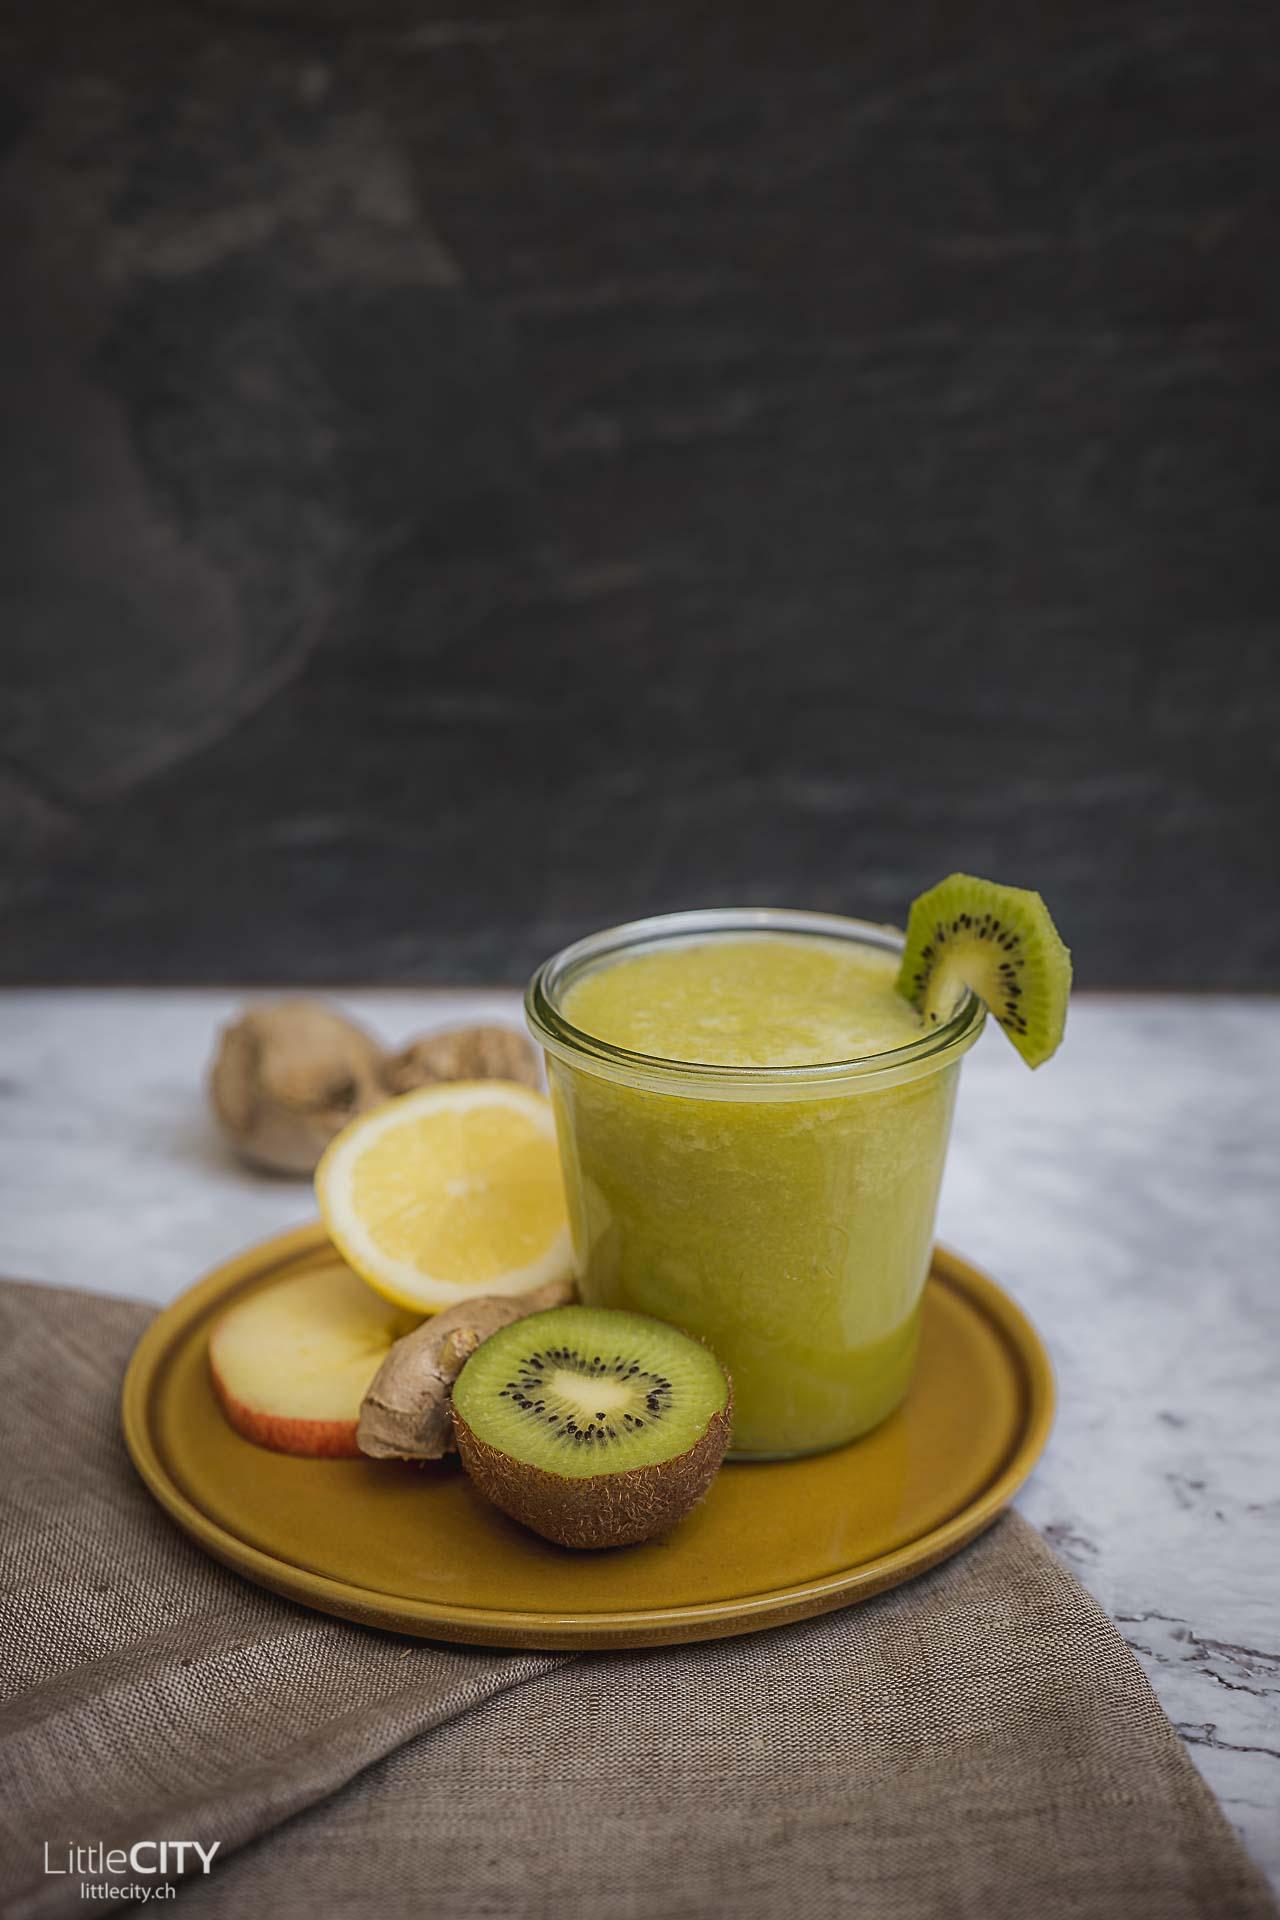 Kiwi Apfel Zitronen Saft Slow Juicer Rezept